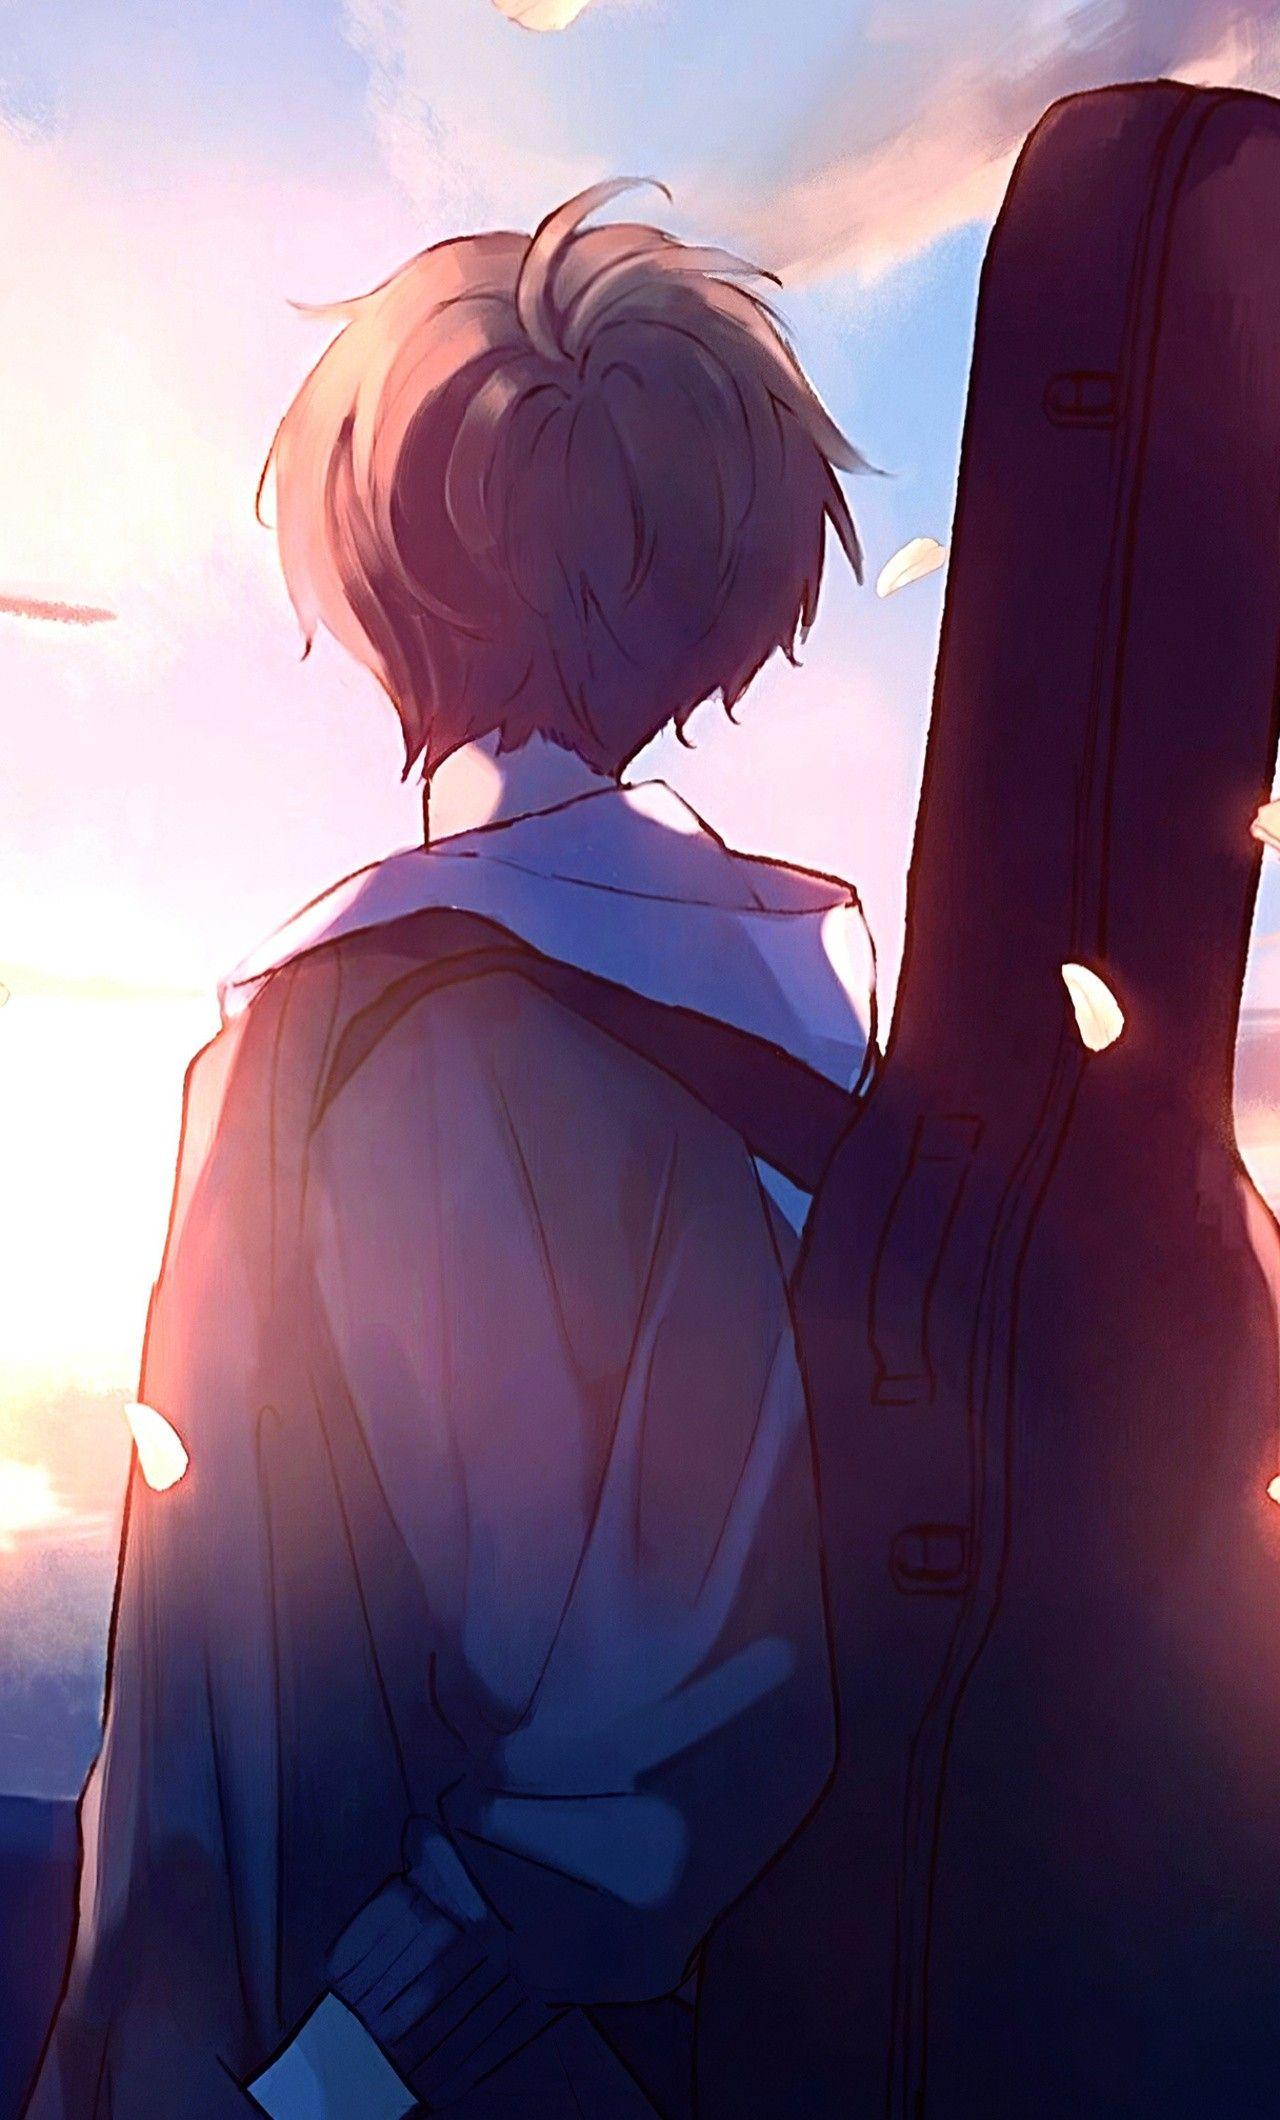 Anime wallpaper mobile 4k